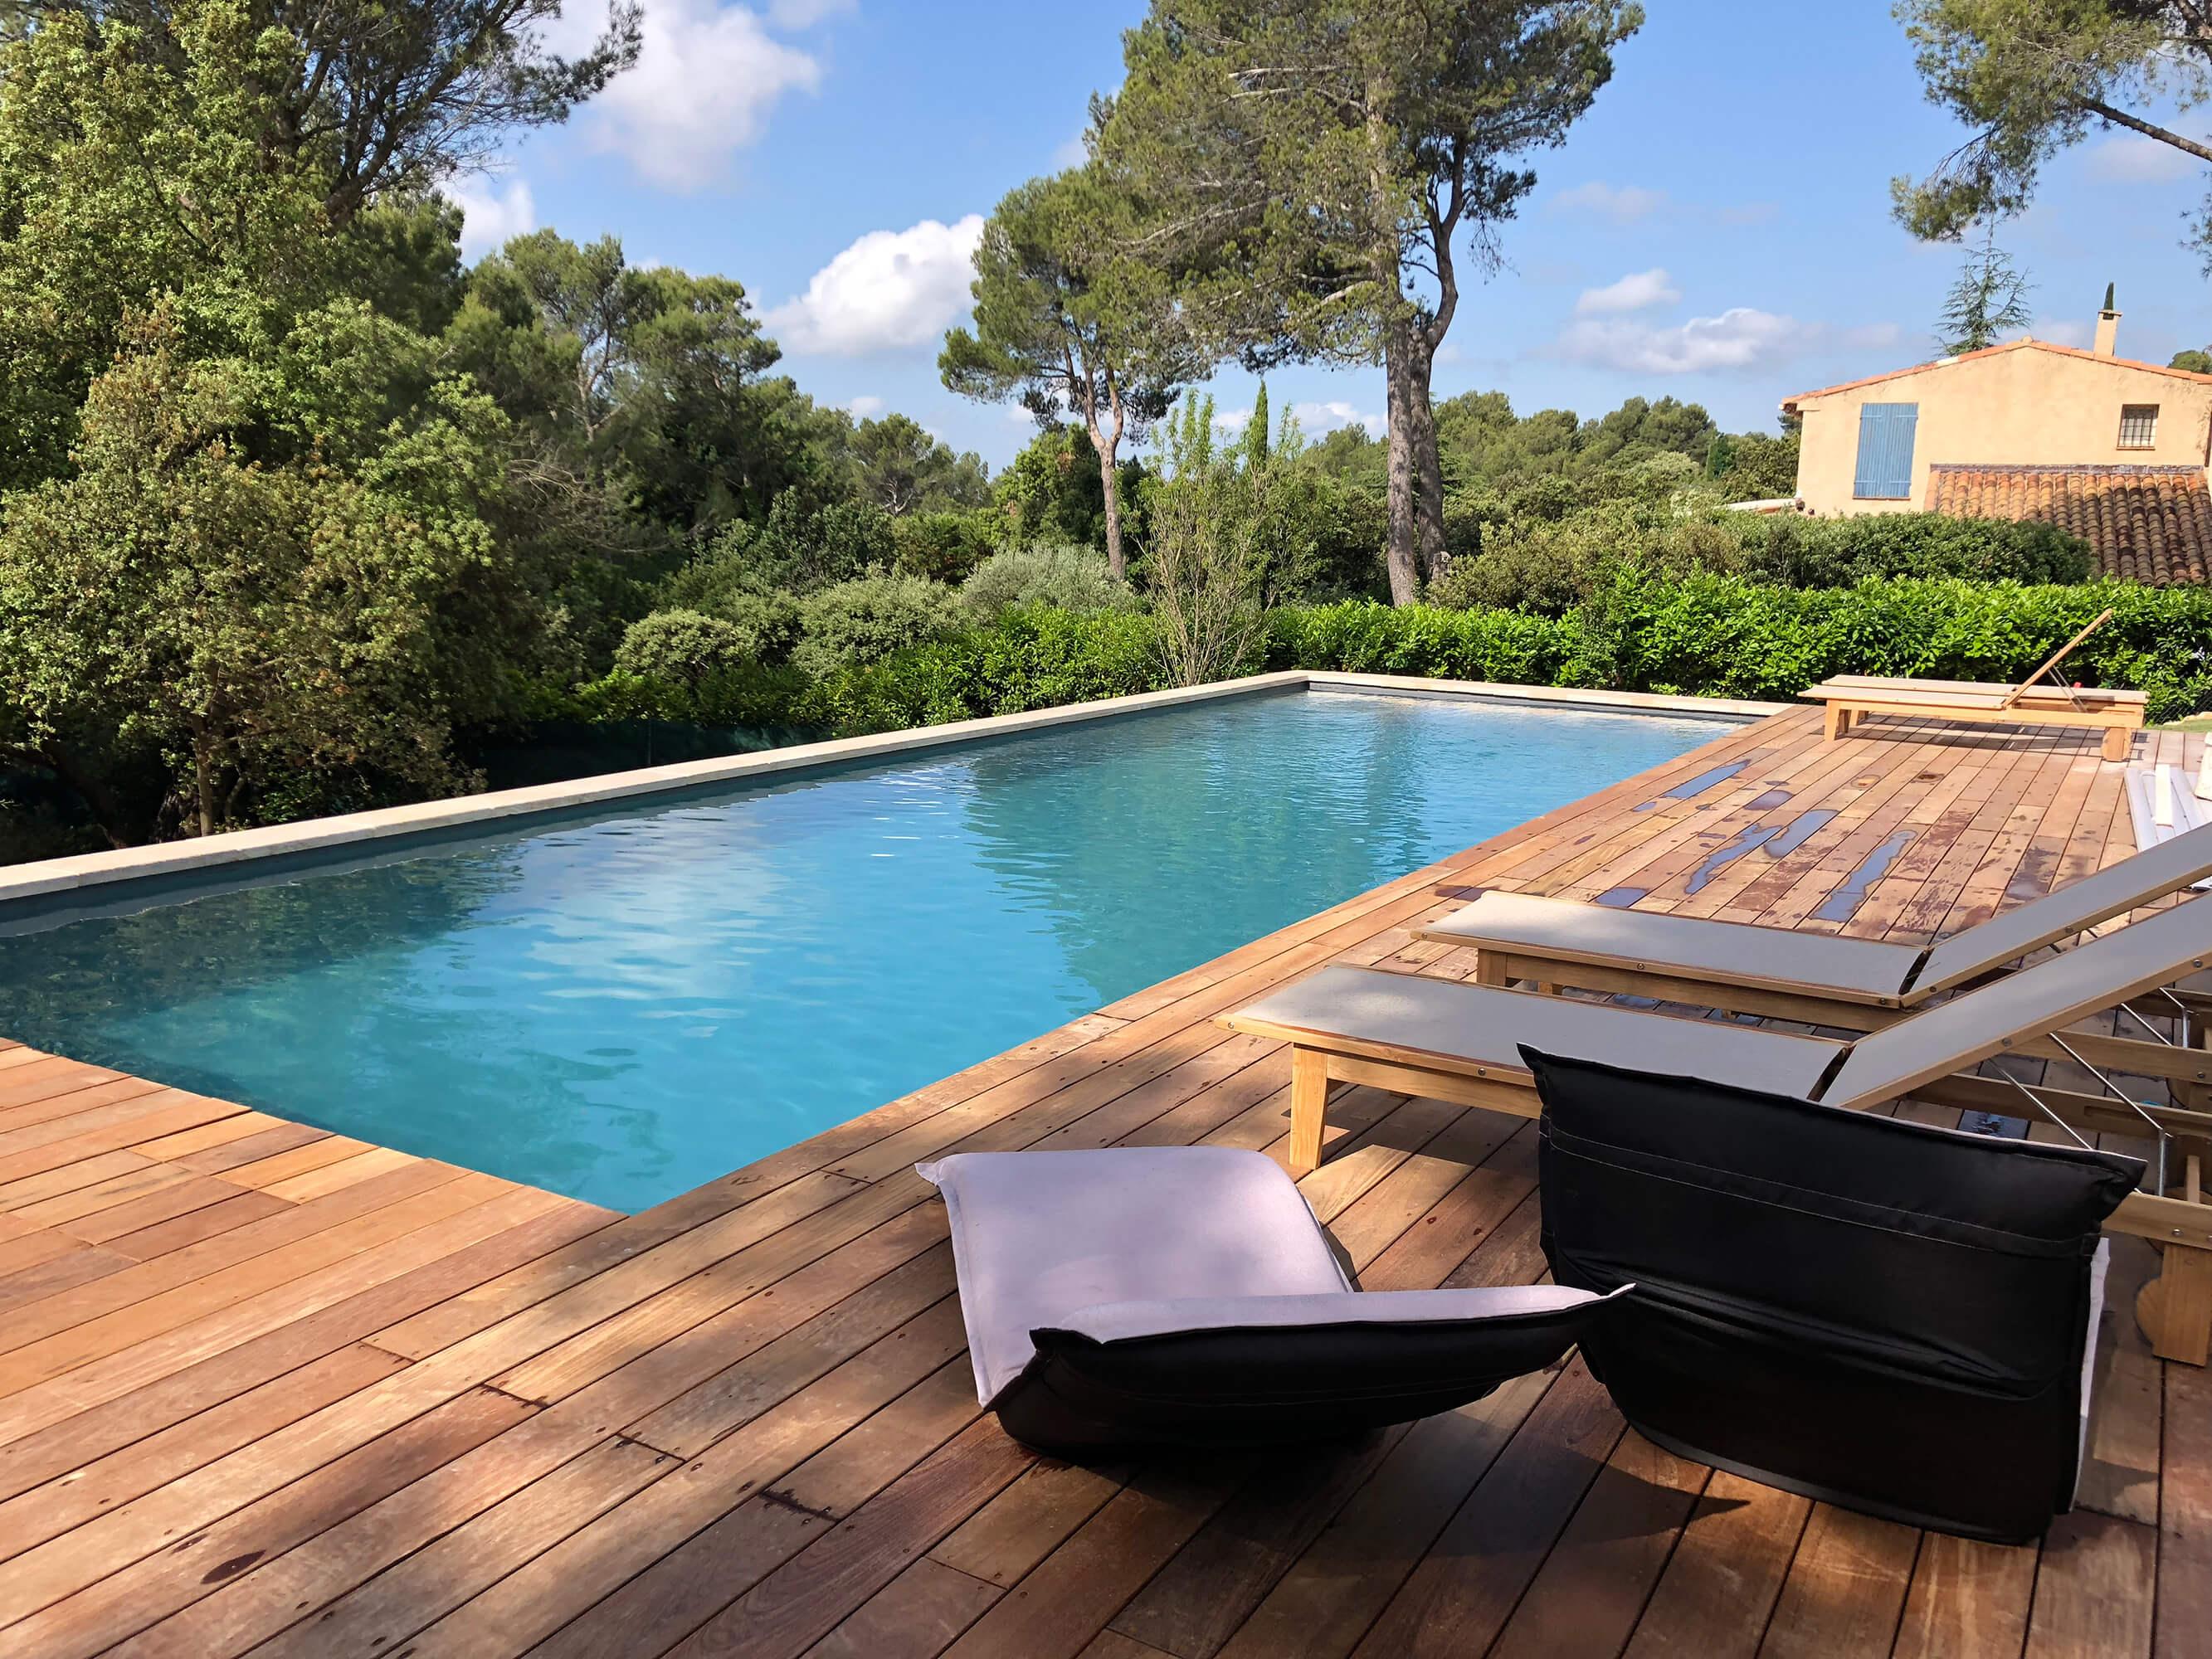 Création De Piscine Et Terrasse - Espaces Modernes intérieur Amenagement Exterieur Piscine